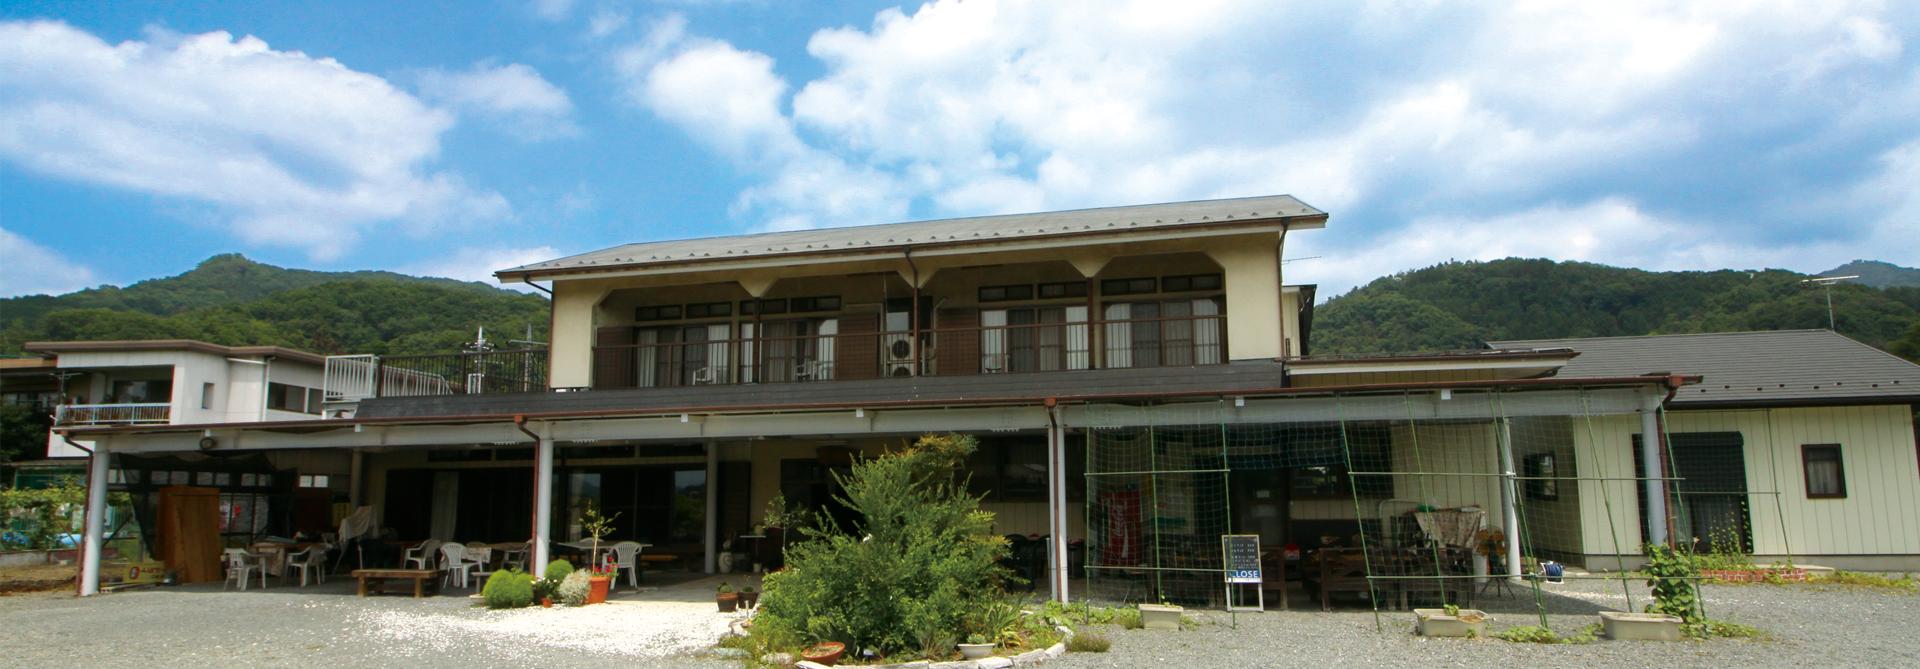 民宿 白砂荘:メインイメージ